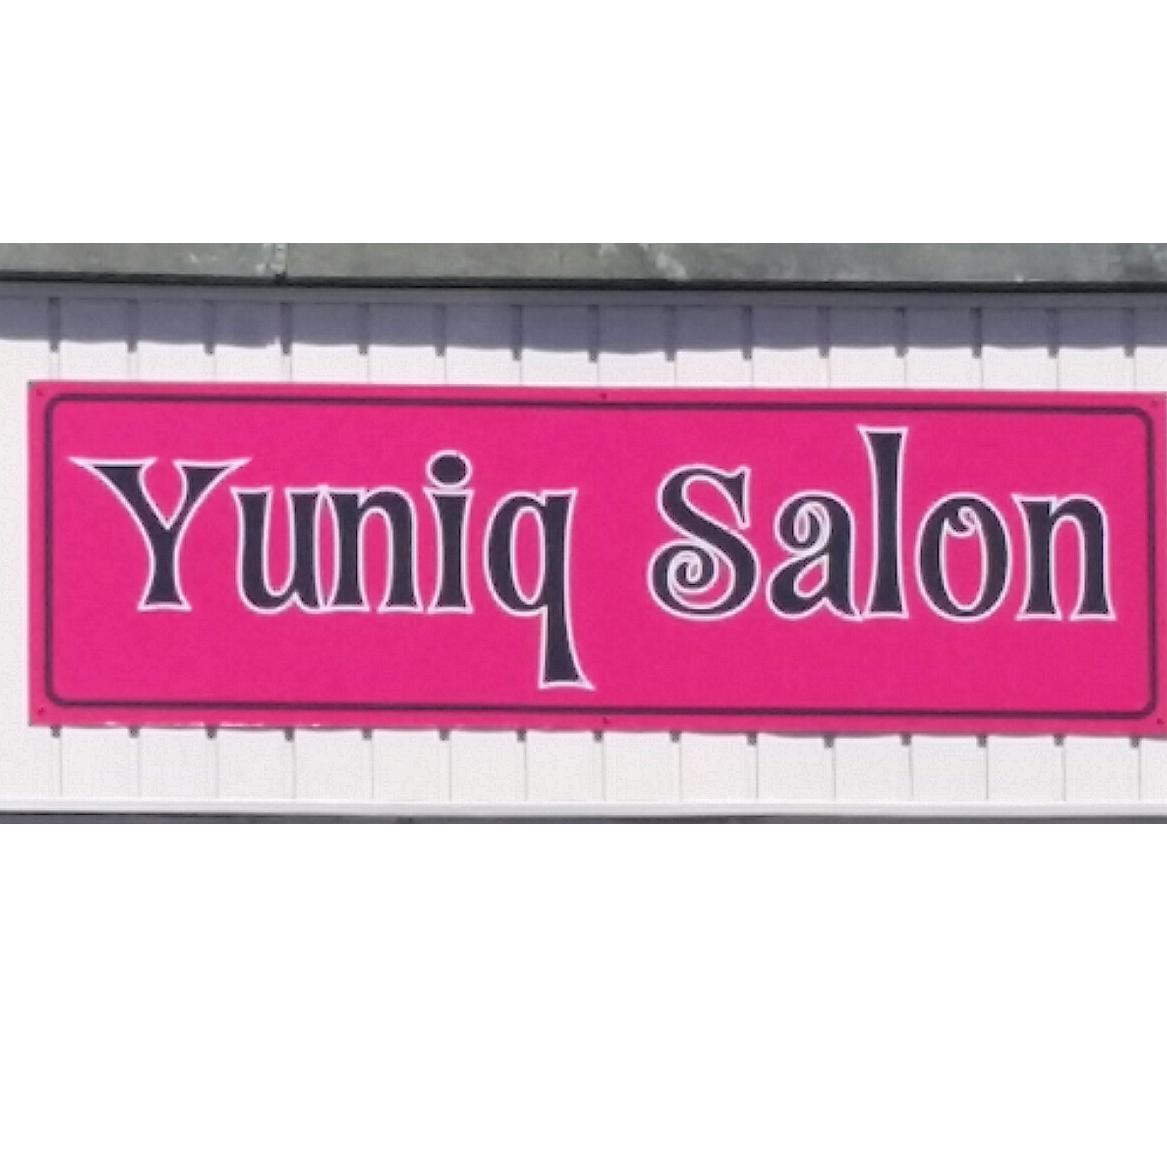 Yuniq salon - Dayton, OH 45459 - (937)830-9786 | ShowMeLocal.com